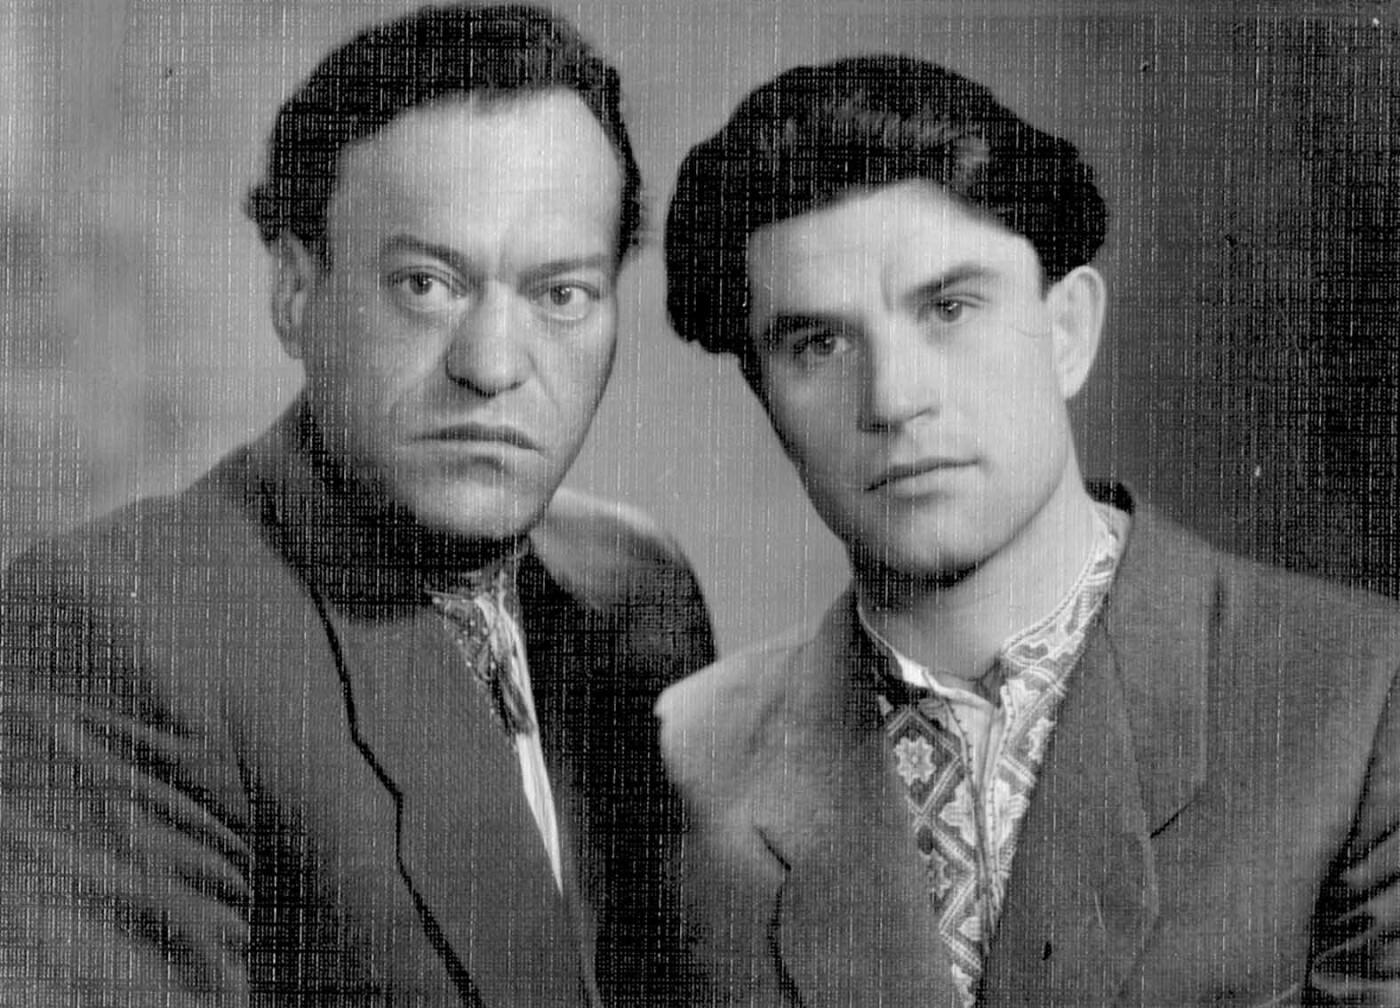 Григорій та Григір Тютюнники, фото: https://schooljournalist12.blogspot.com/